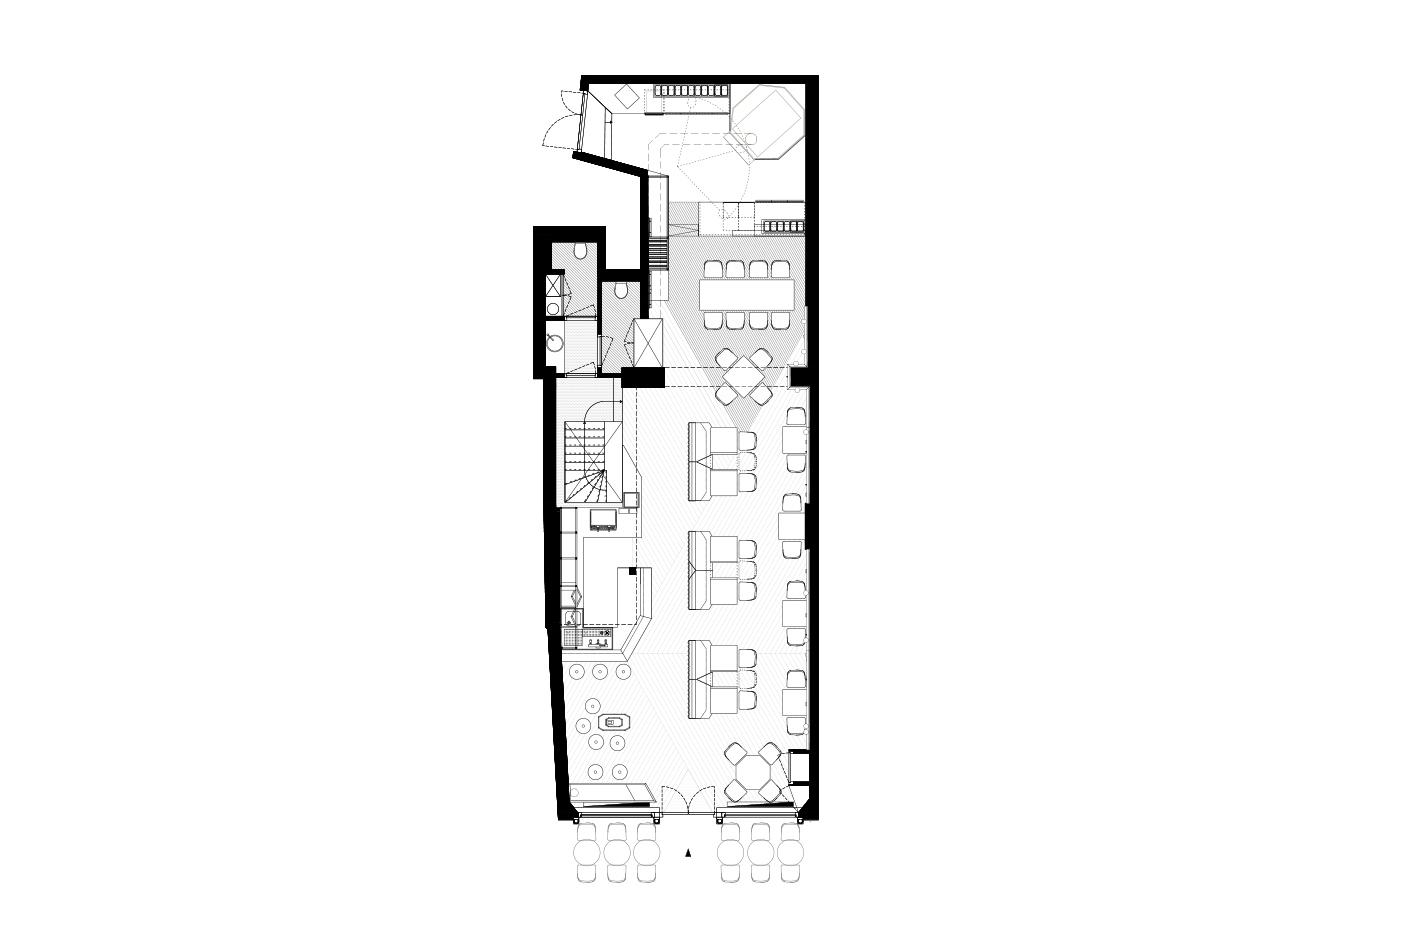 VIA ZWOLLE_floorplan.jpg